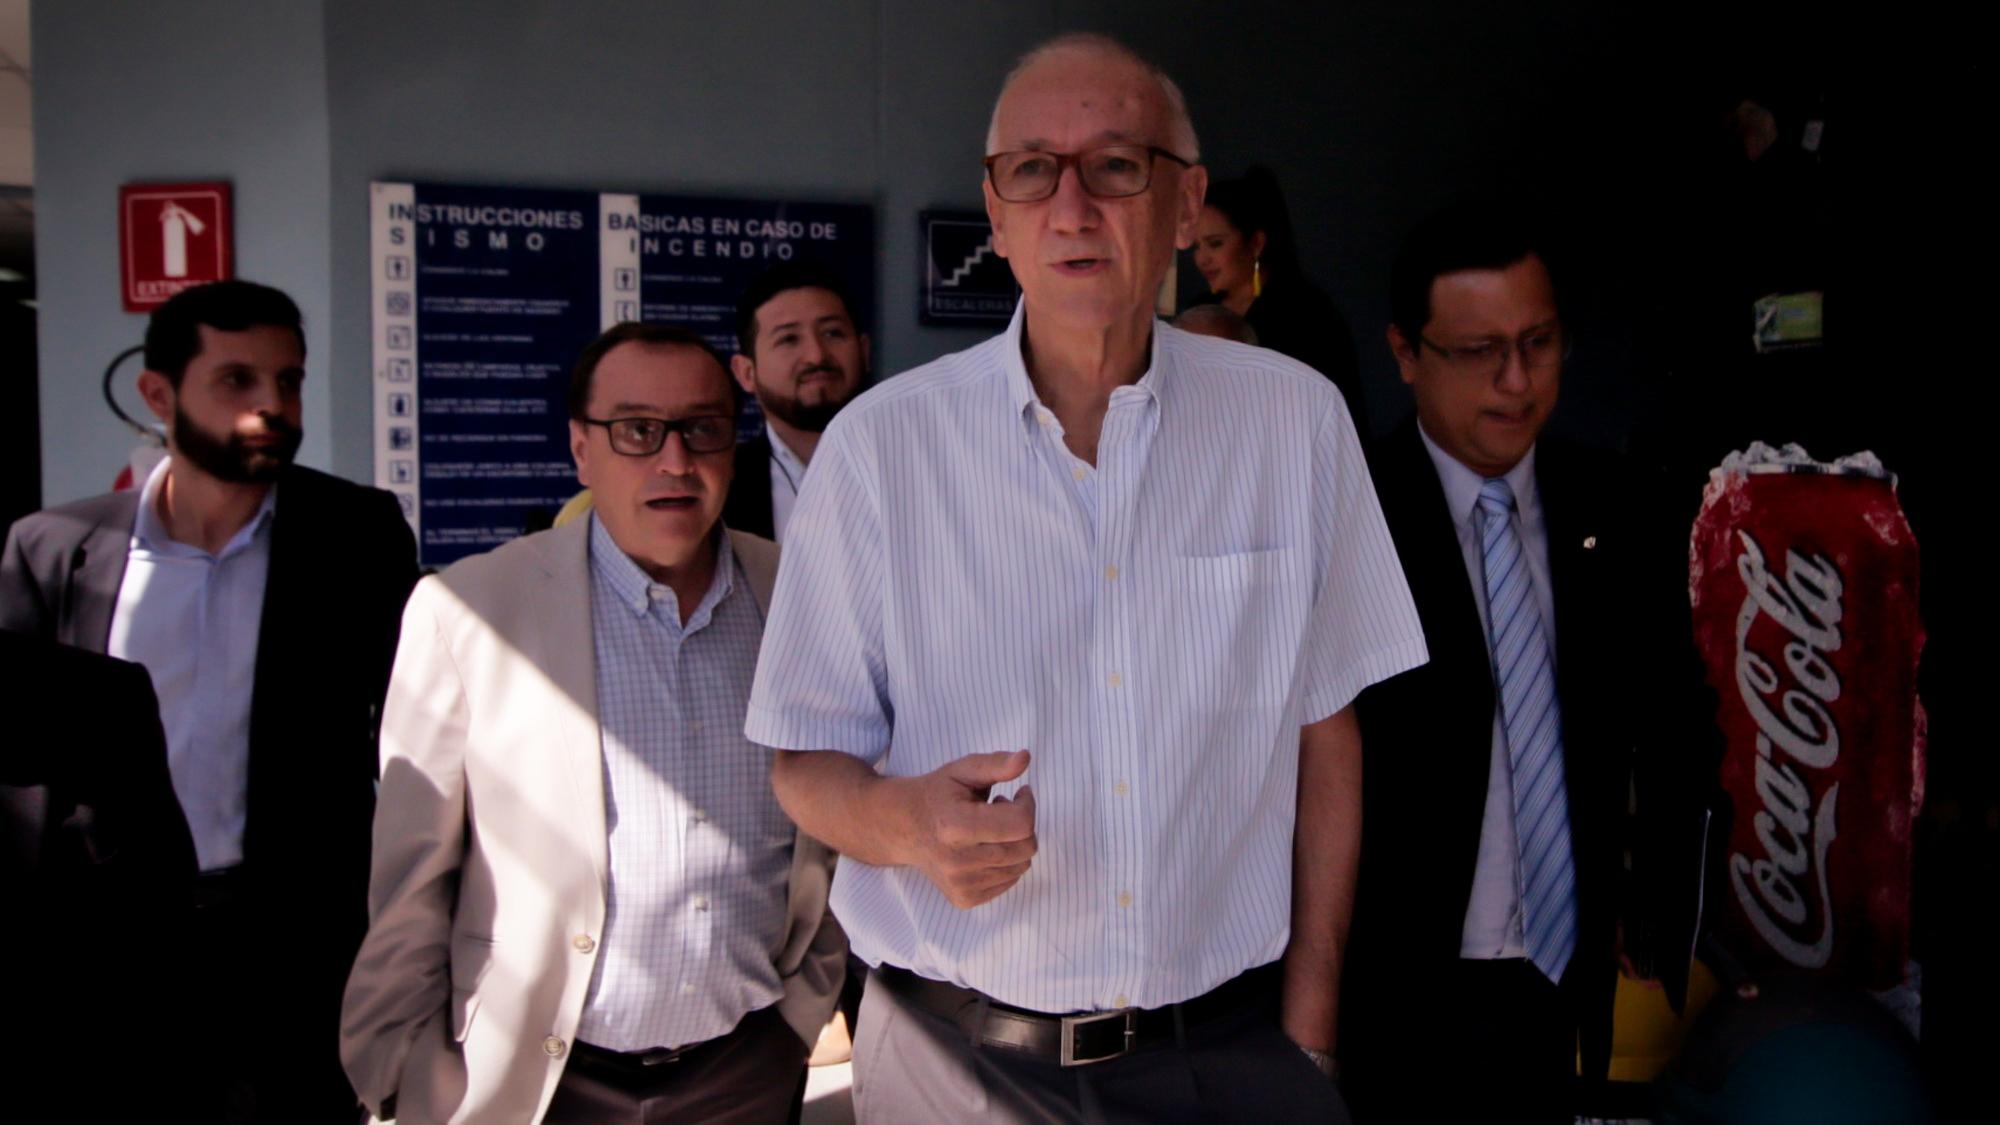 La UCA busca que Cristiani y la Tandona respondan por la masacre de los jesuitas